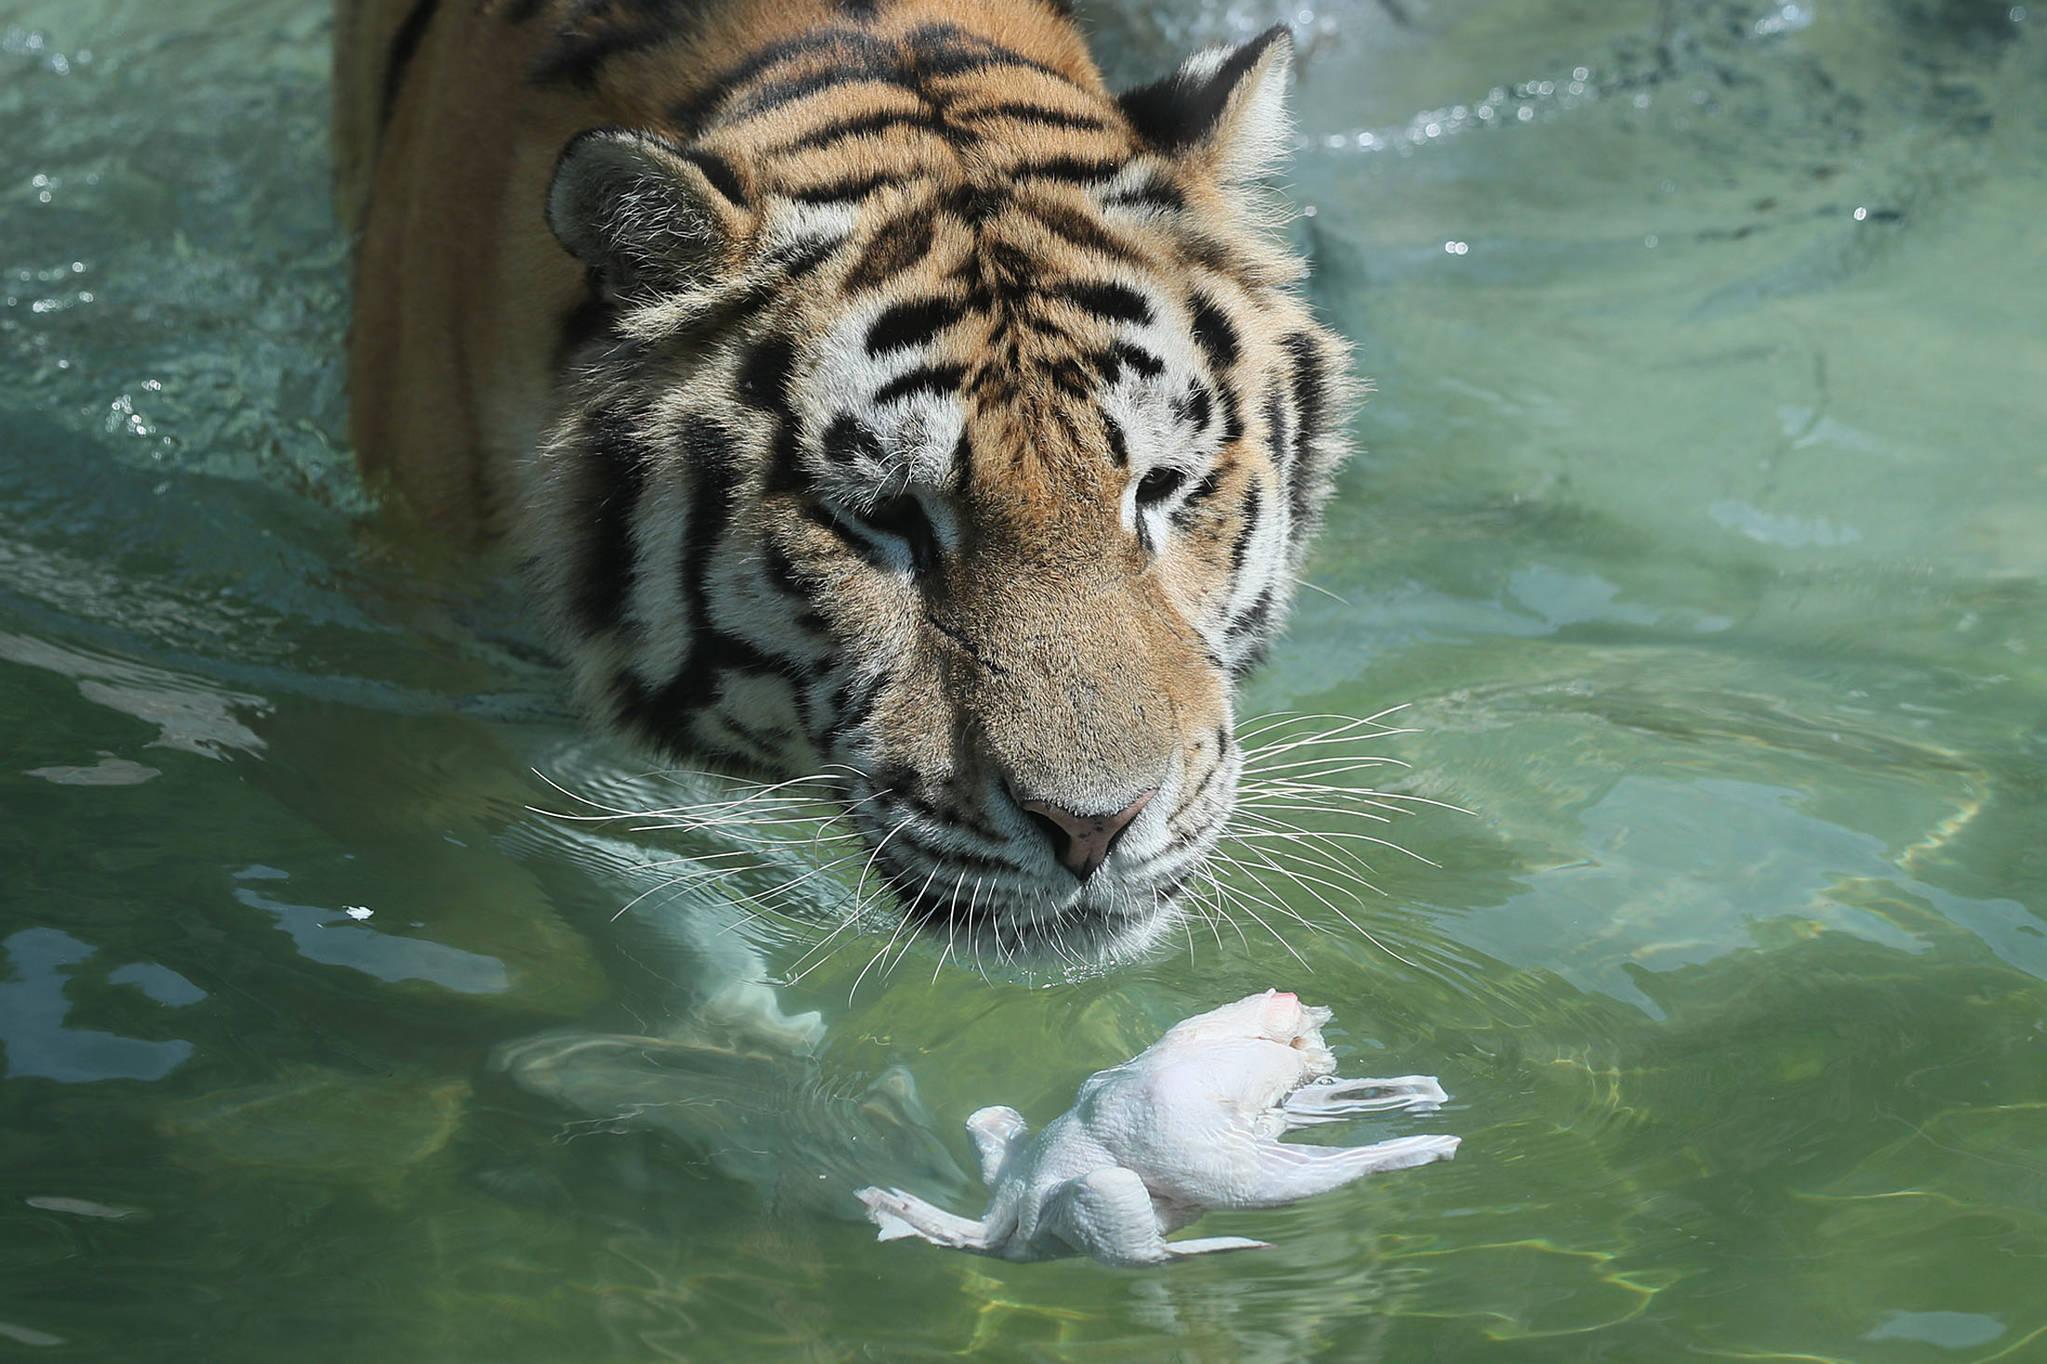 말복인 지난 8월 11일 오후 과천 서울동물원에서 시베리아호랑이가 생닭을 먹으려고 하고 있다. [연합뉴스 ]